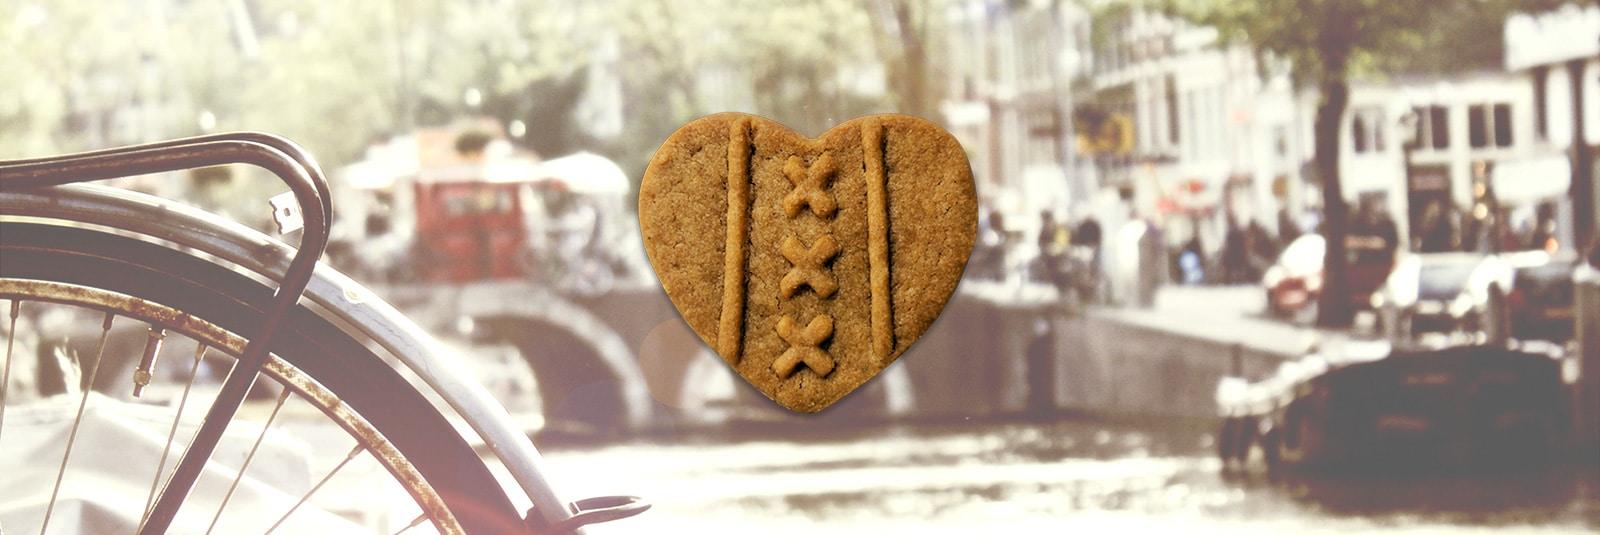 Eberhardjes, het koekje van Amsterdam